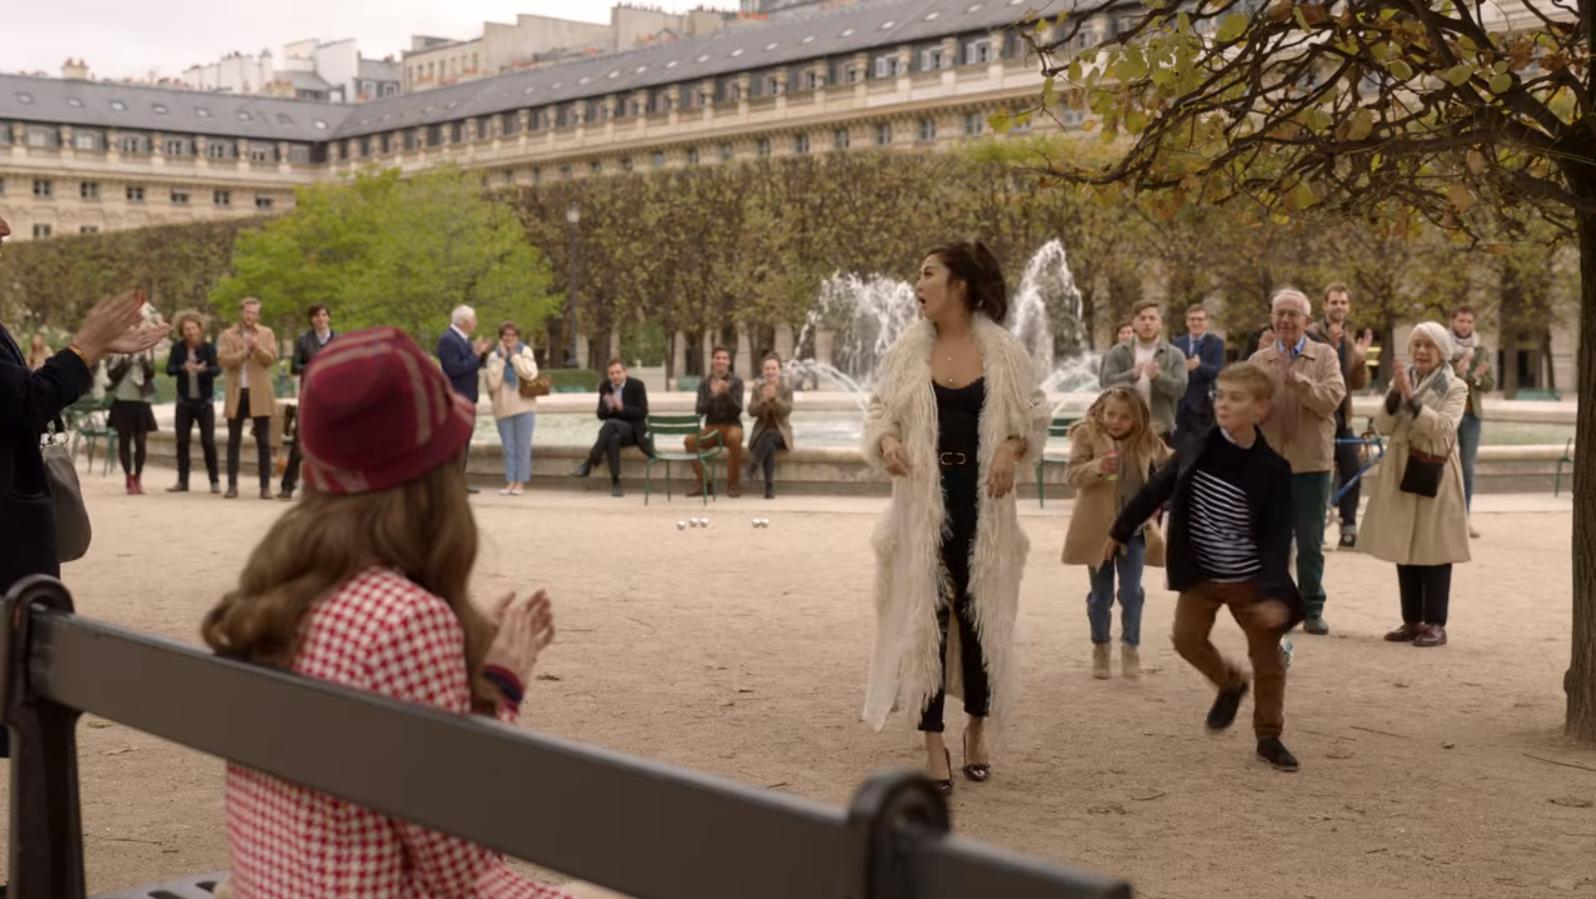 Chanter Edith Piaf dans le jardin des Tuileries ? So French, so Paris...